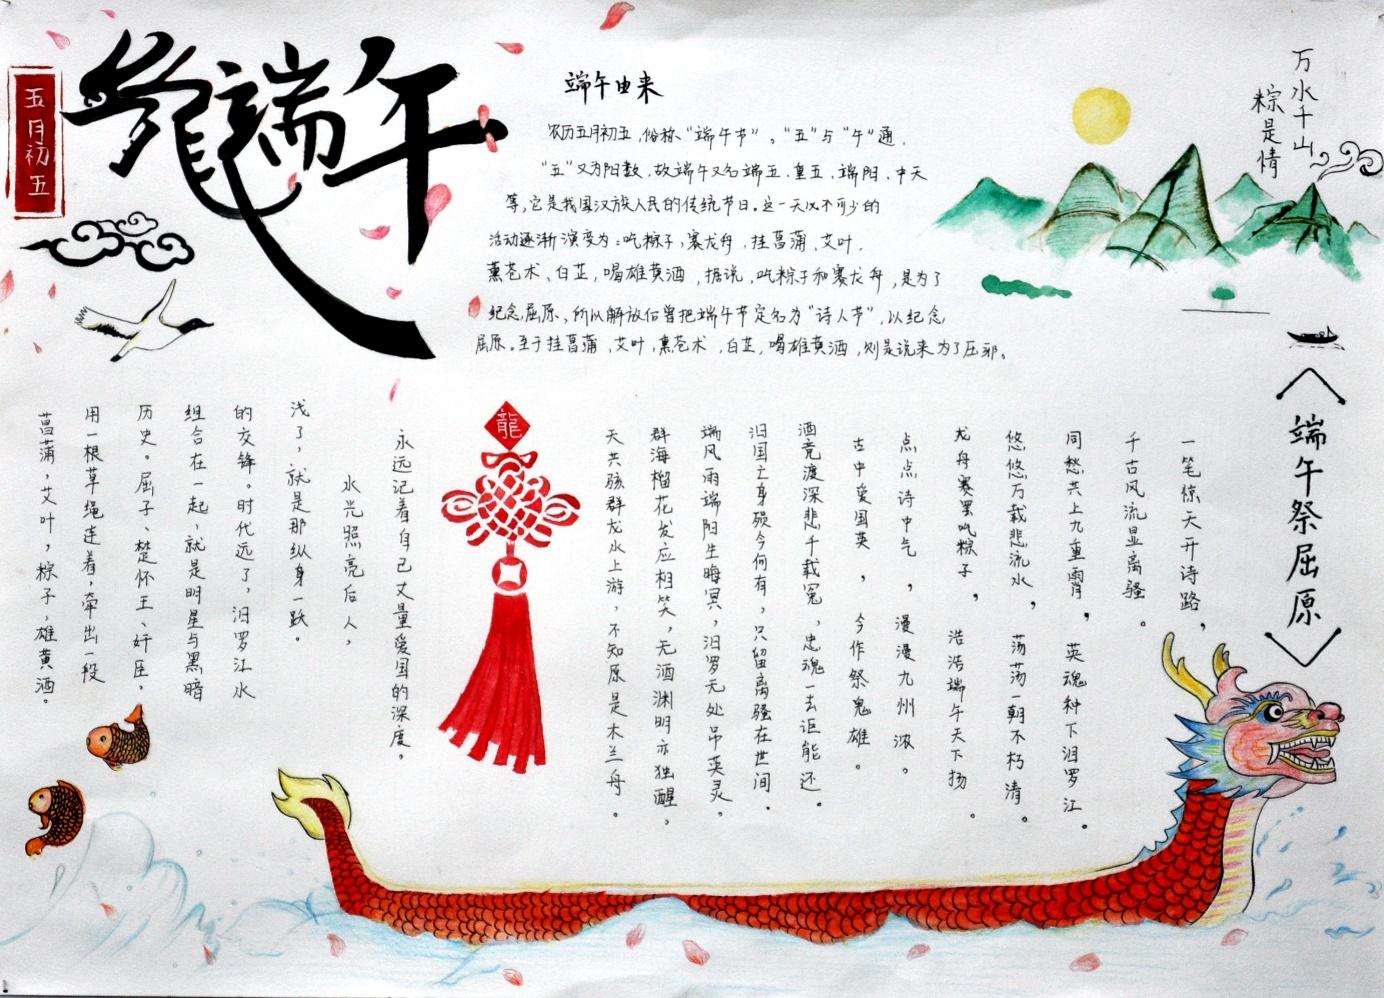 邛崃未成年人手绘节日小报 感悟端午传统文化